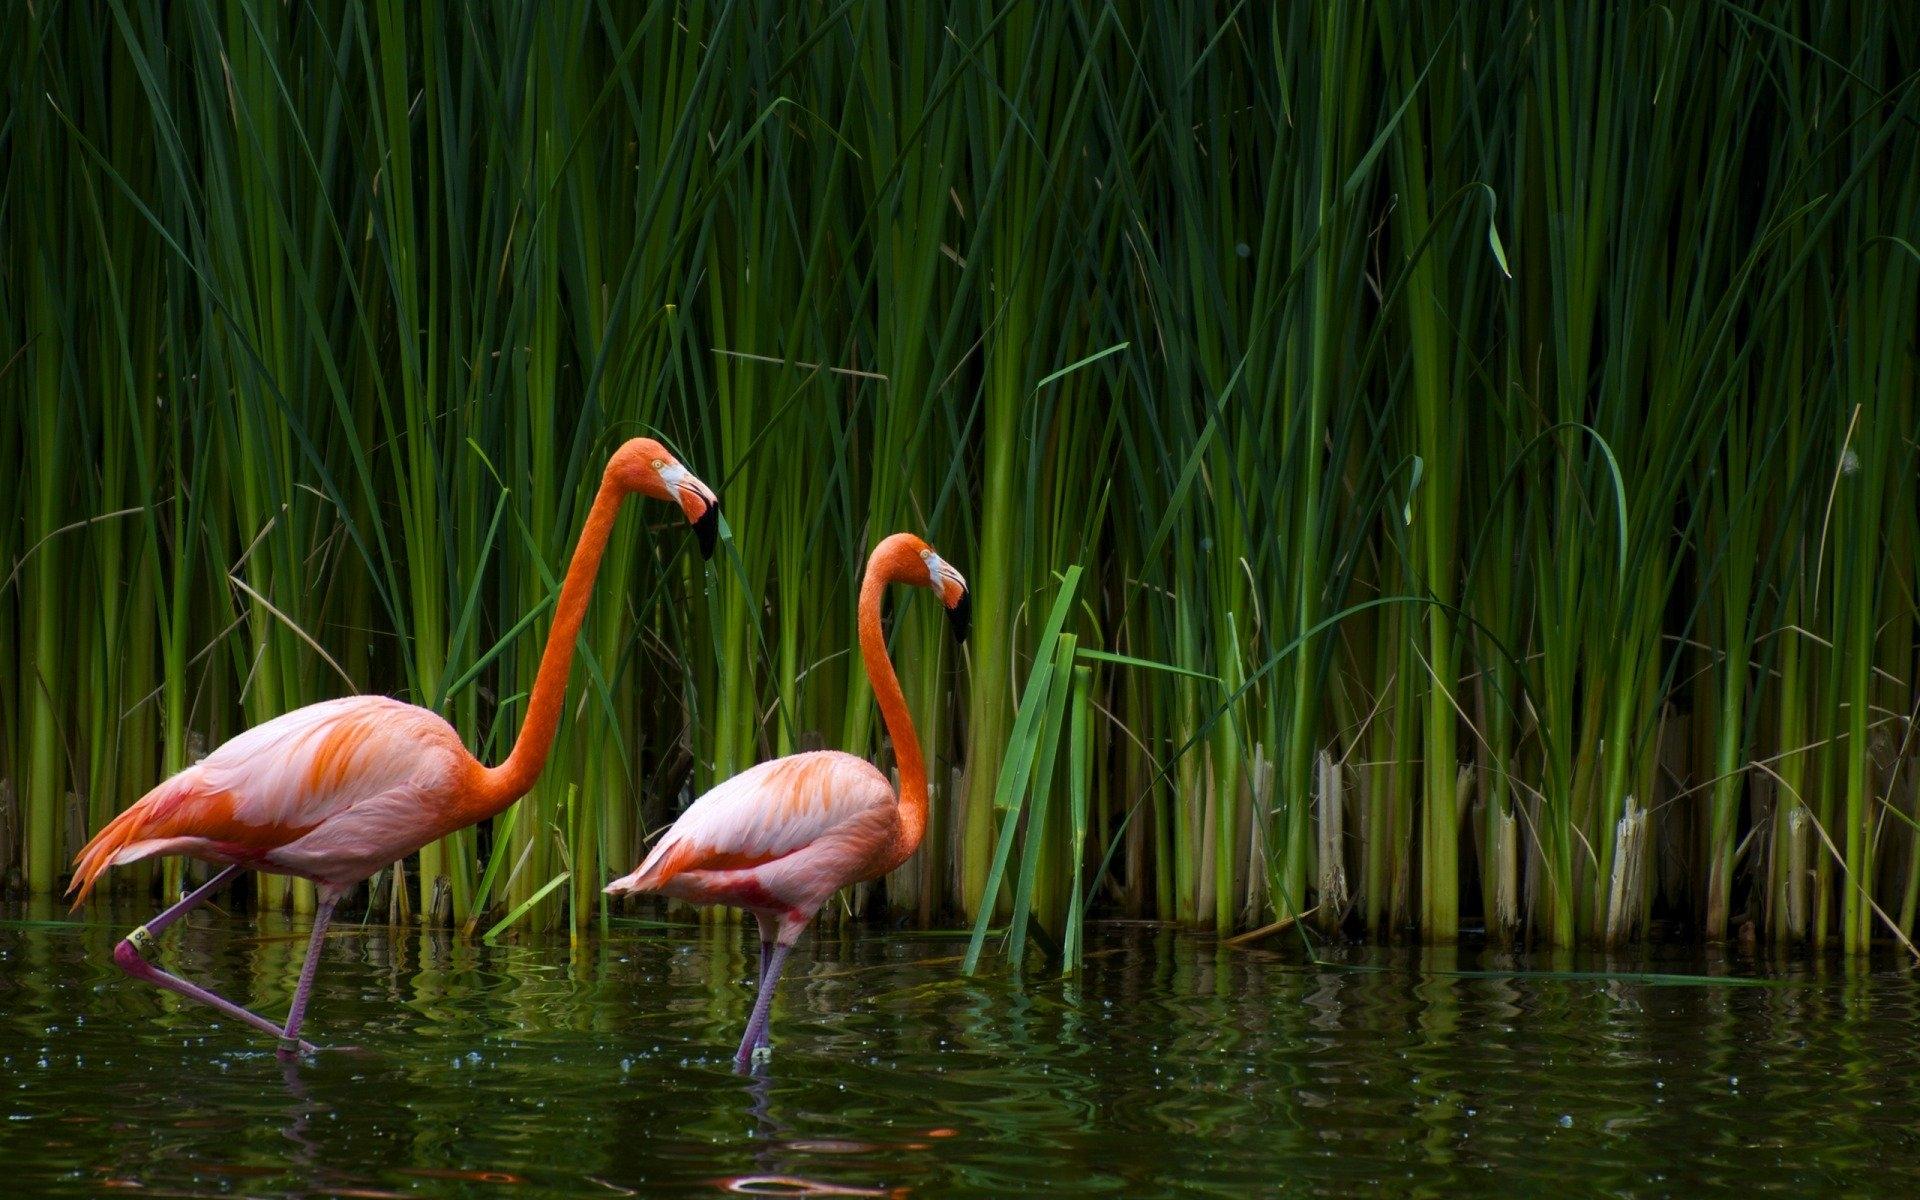 Картинка фламинго с высоким разрешением